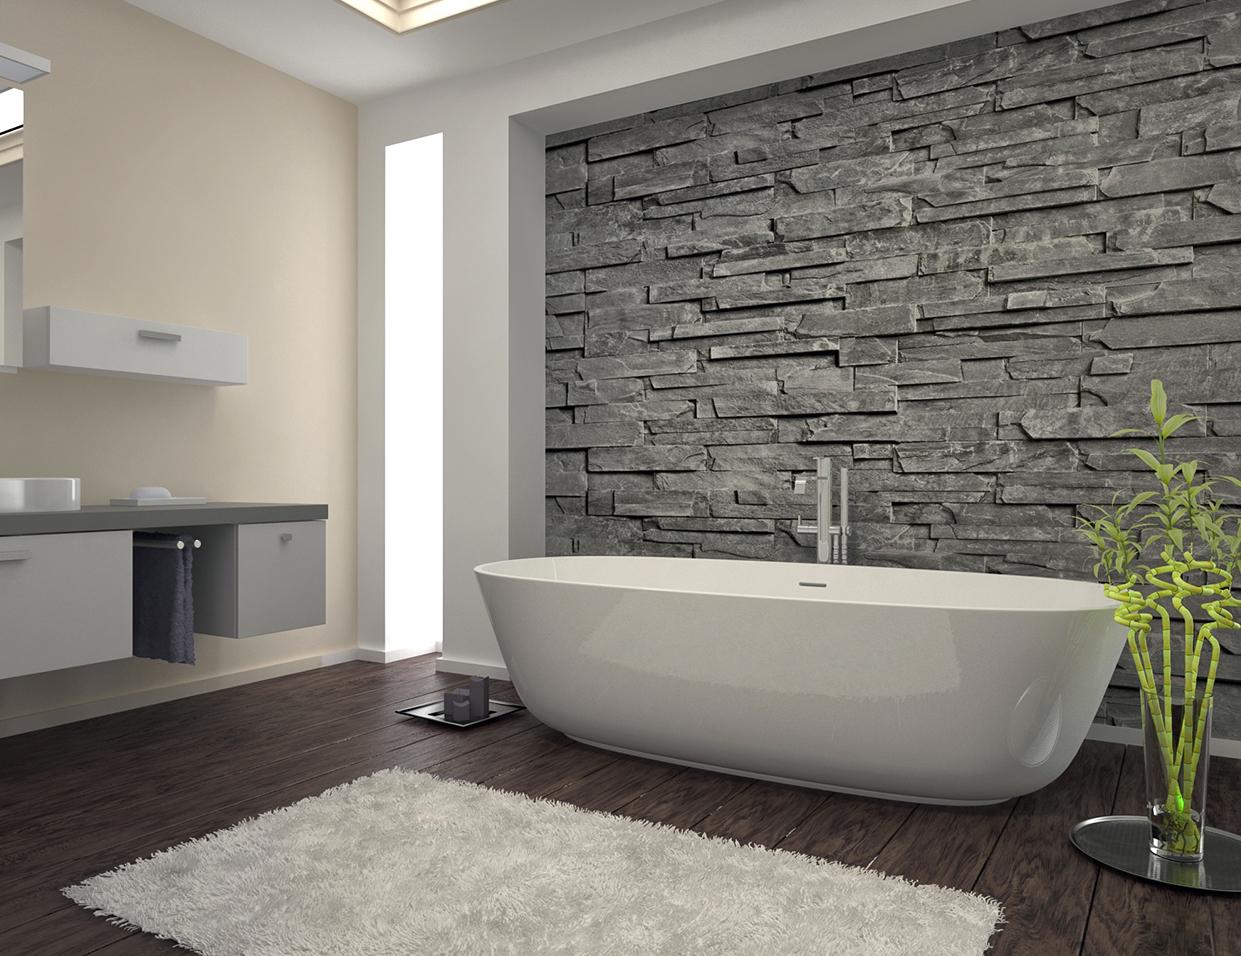 La Marbrerie Denis Jean-Luc maîtrise la réalisation de salle de bain ...